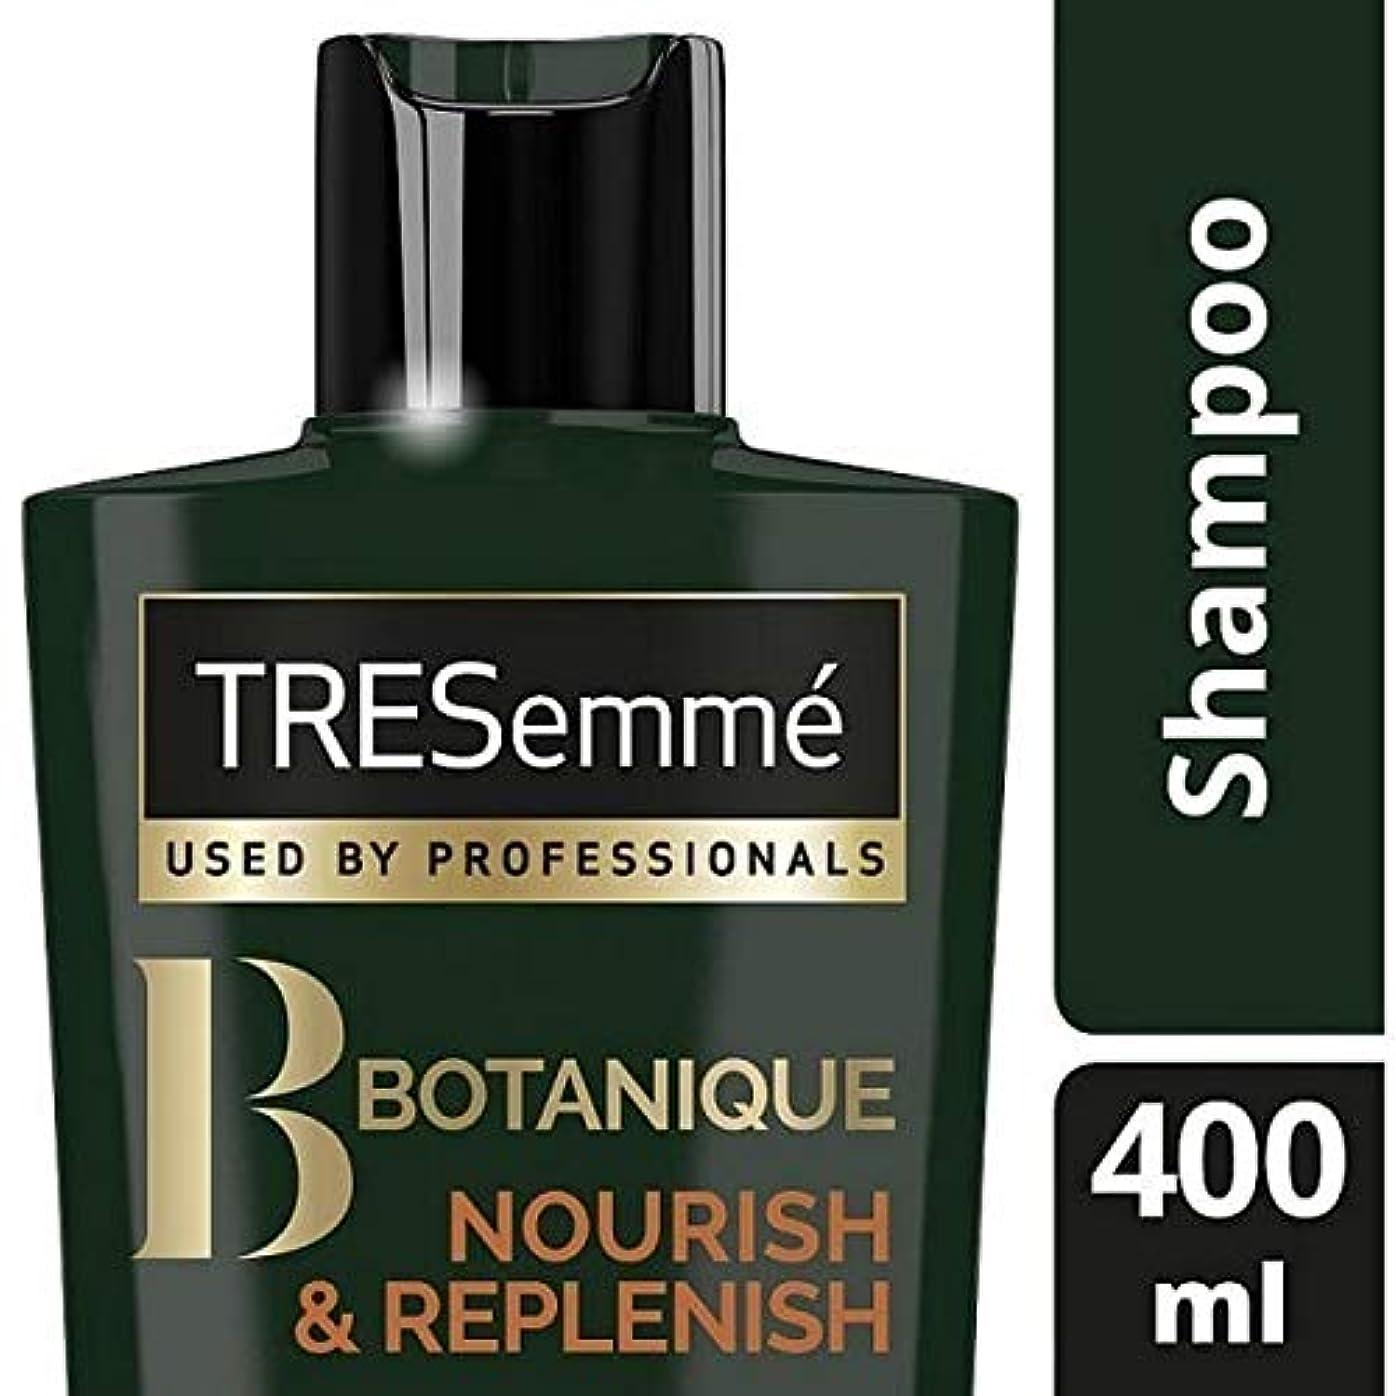 インフラ政治家の日付[Tresemme] Tresemmeのボタニックはシャンプー400ミリリットルを養う&補充します - TRESemme Botanique Nourish & Replenish Shampoo 400ml [並行輸入品]